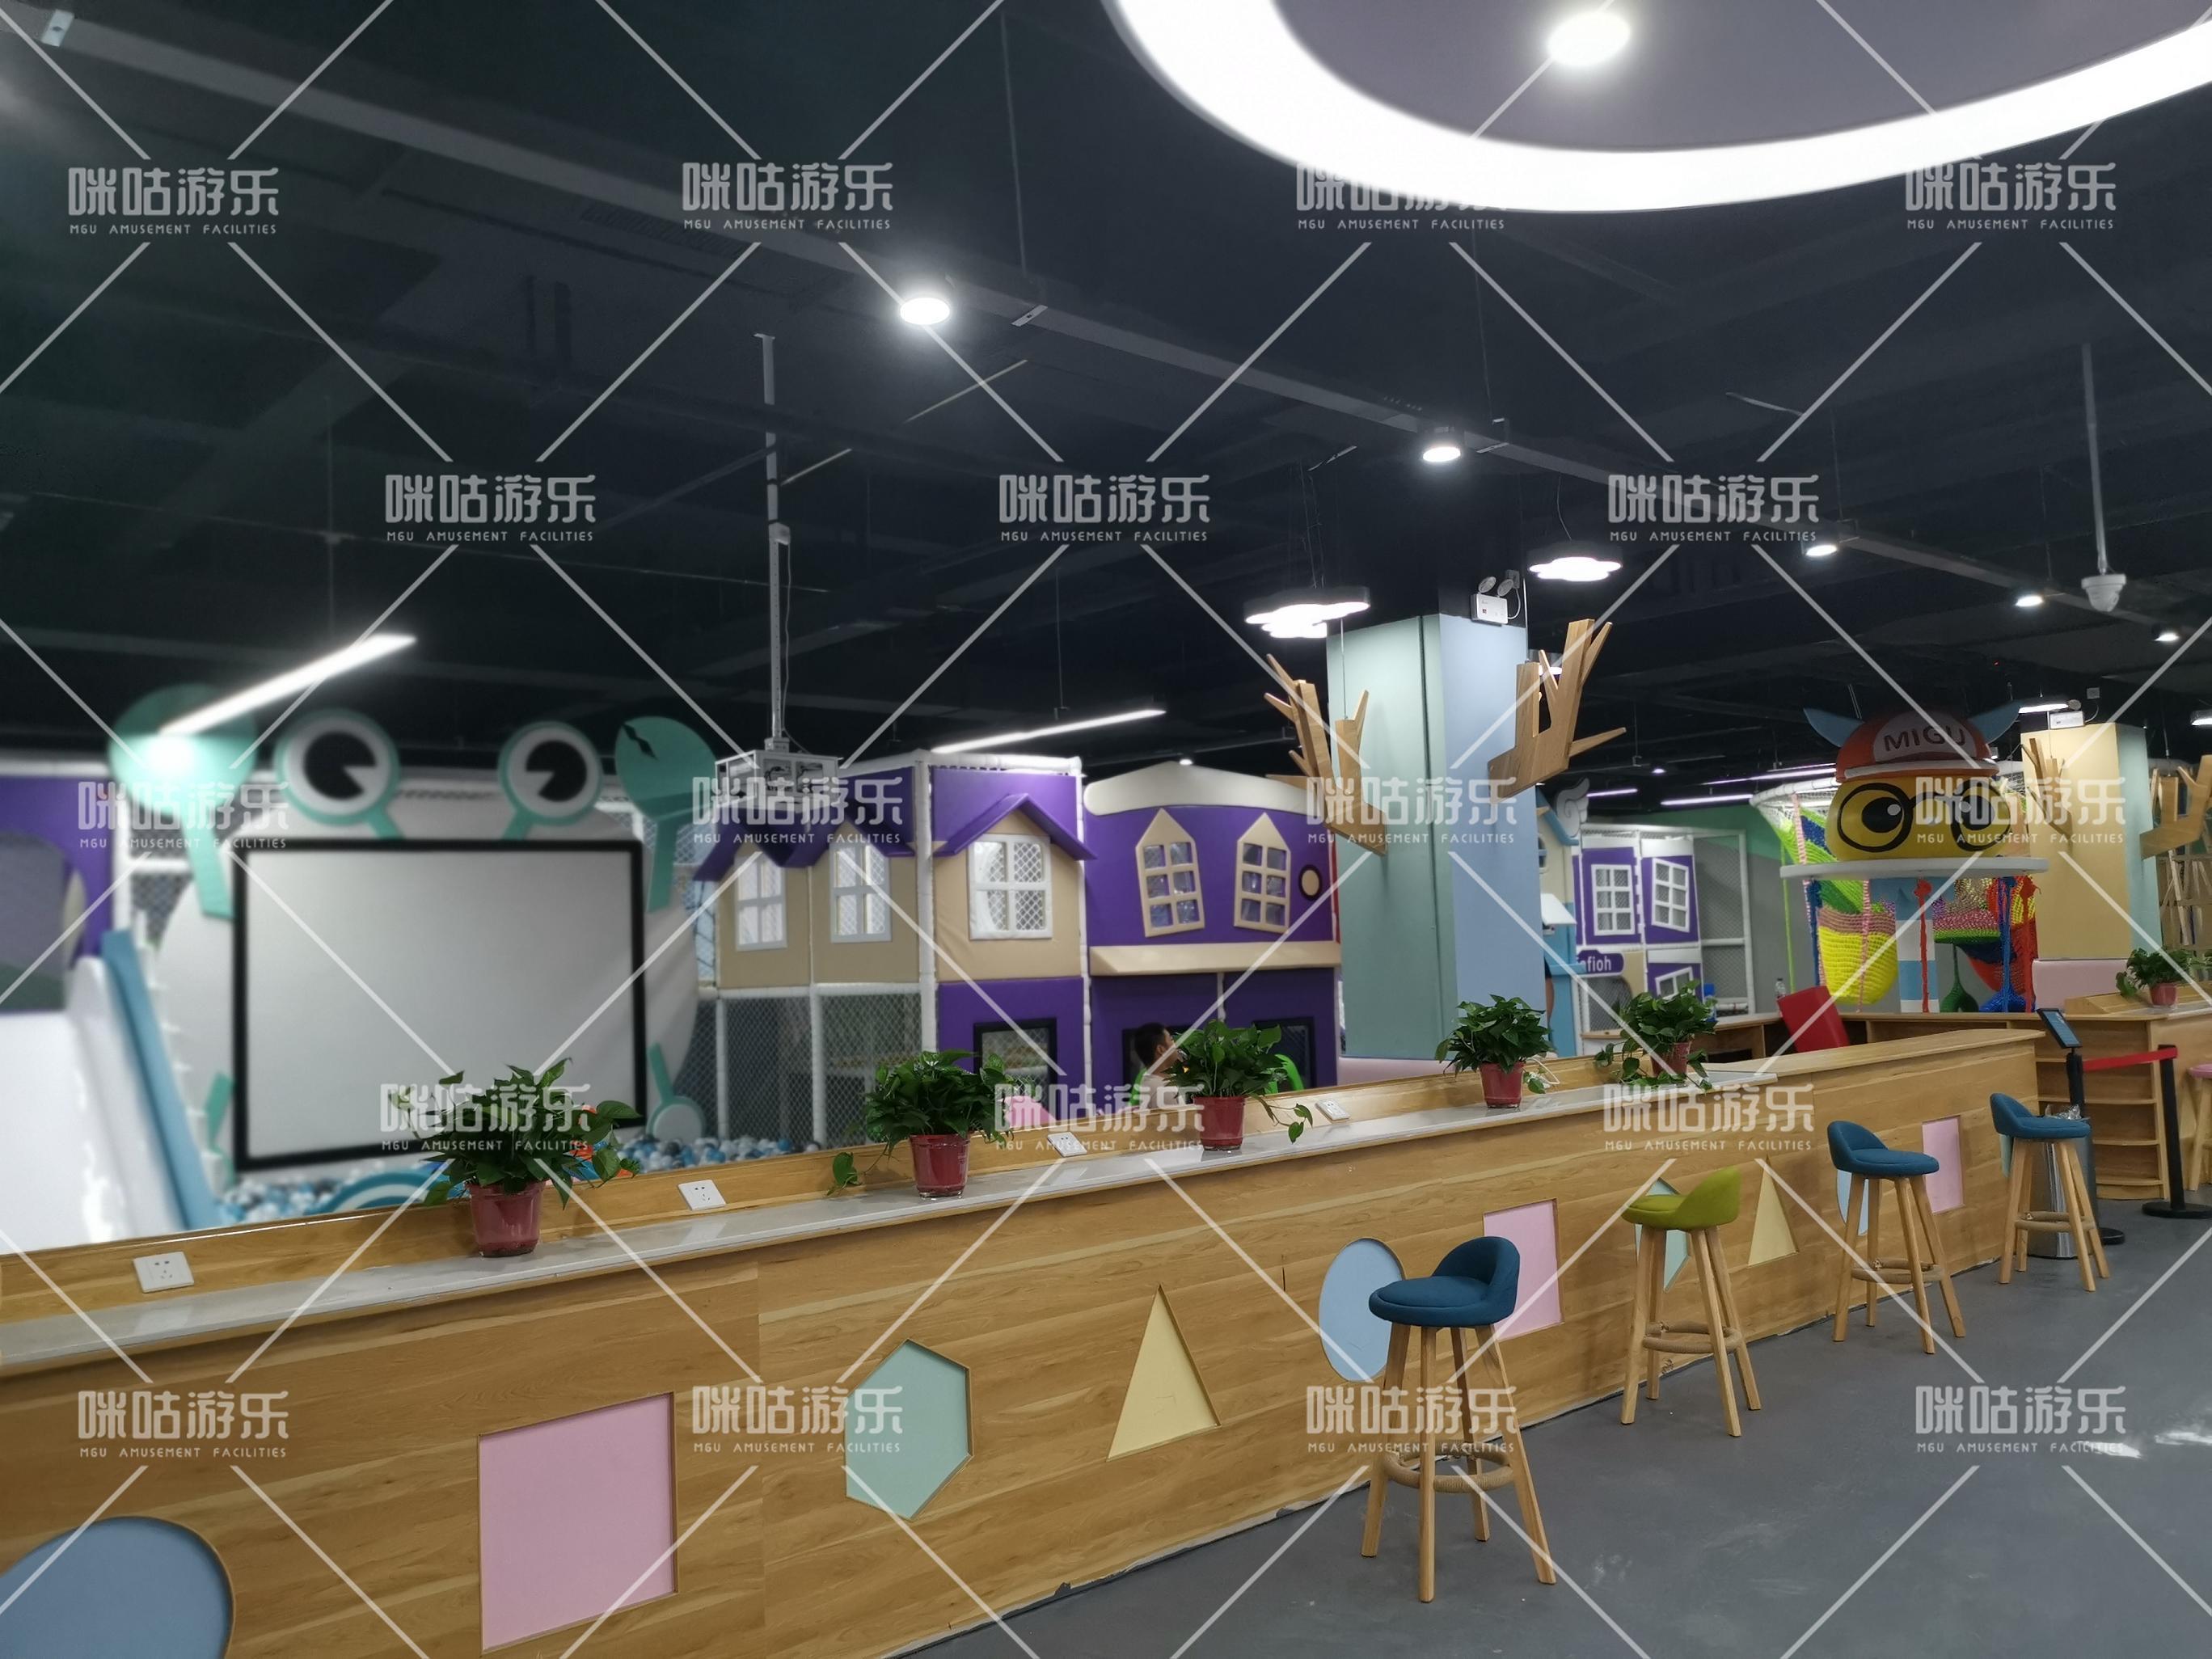 微信图片_20200429155902.jpg 亲子乐园加盟店如何经营更赚钱? 加盟资讯 游乐设备第2张